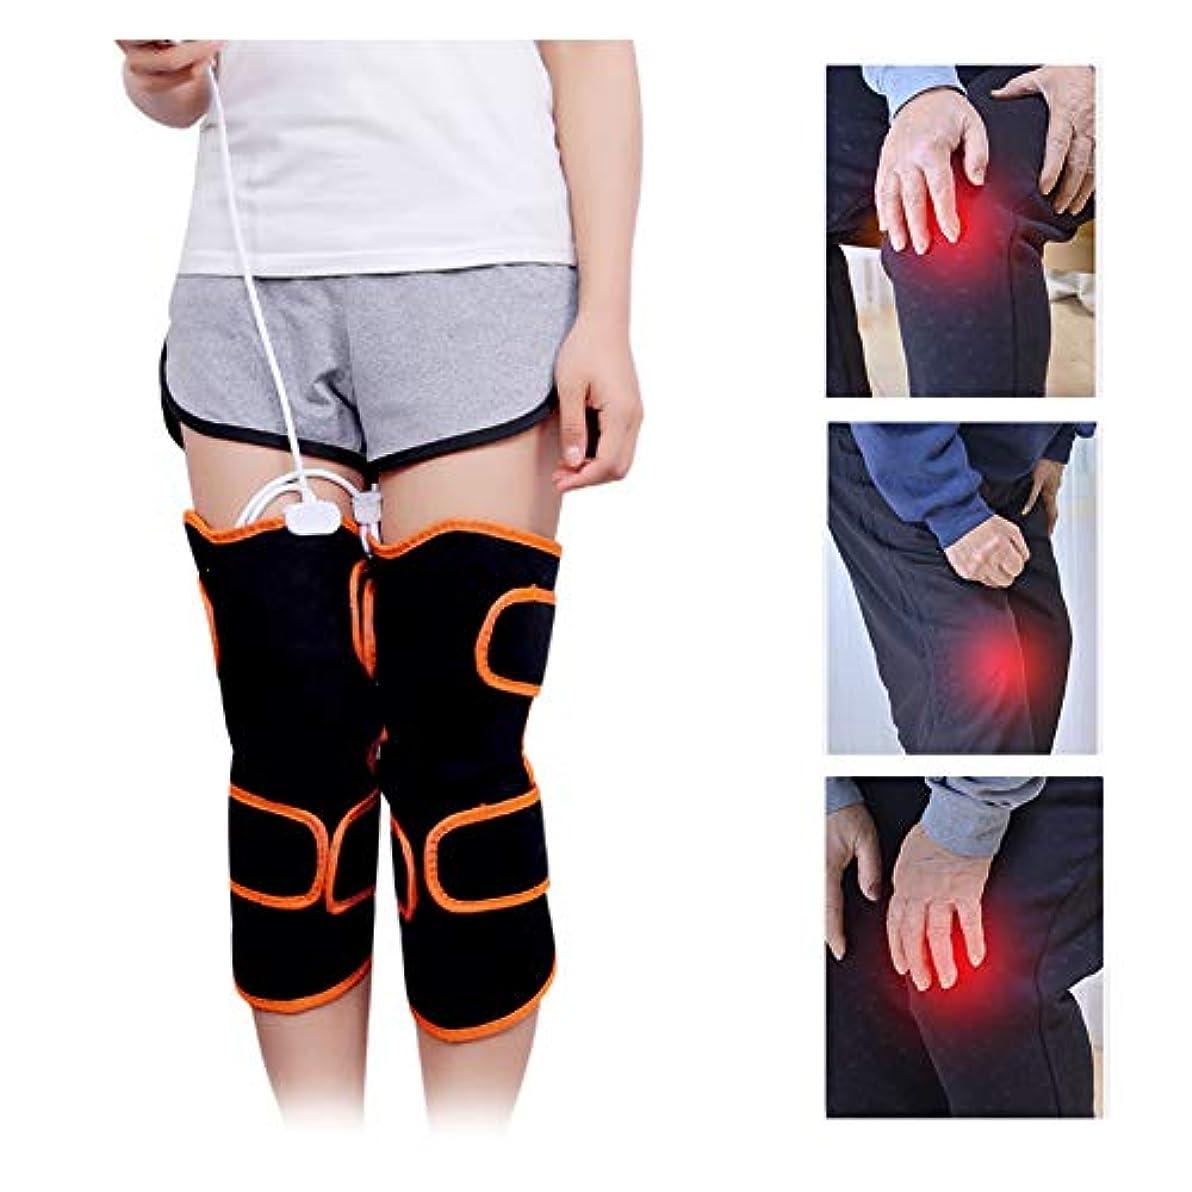 運動吸収イル暖房膝ブレースラップサポート - 膝温熱パッド - 9マッサージモードと膝のけが、痛みを軽減するための5つの速度で治療マッサージャー